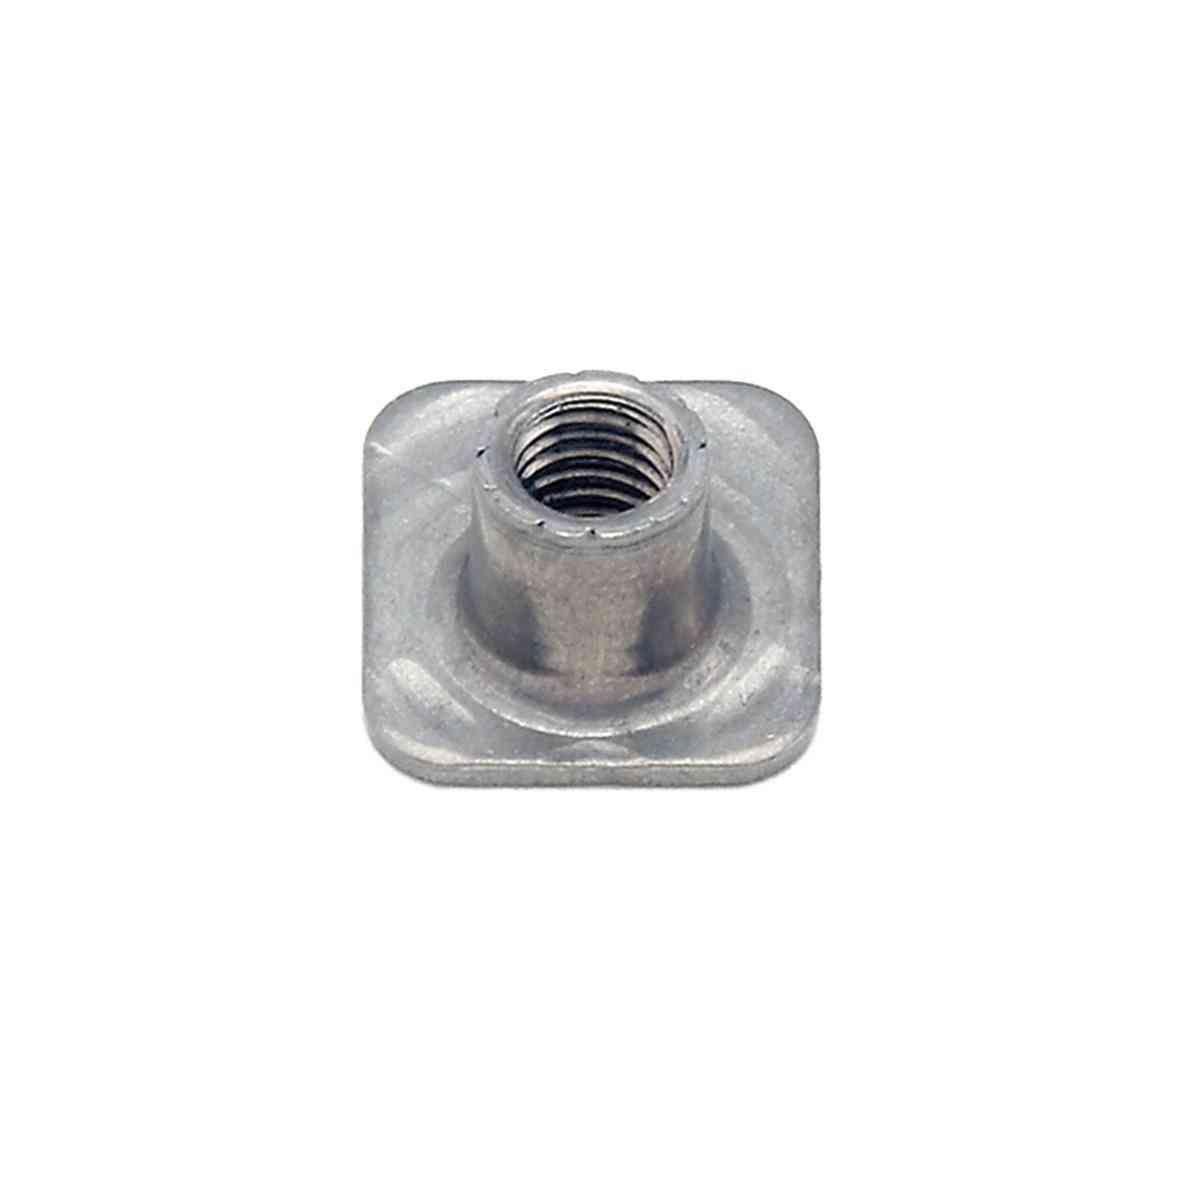 ロイヤル(フタ用取っ手の安全レバーが小判型)本体取っ手用ニップル